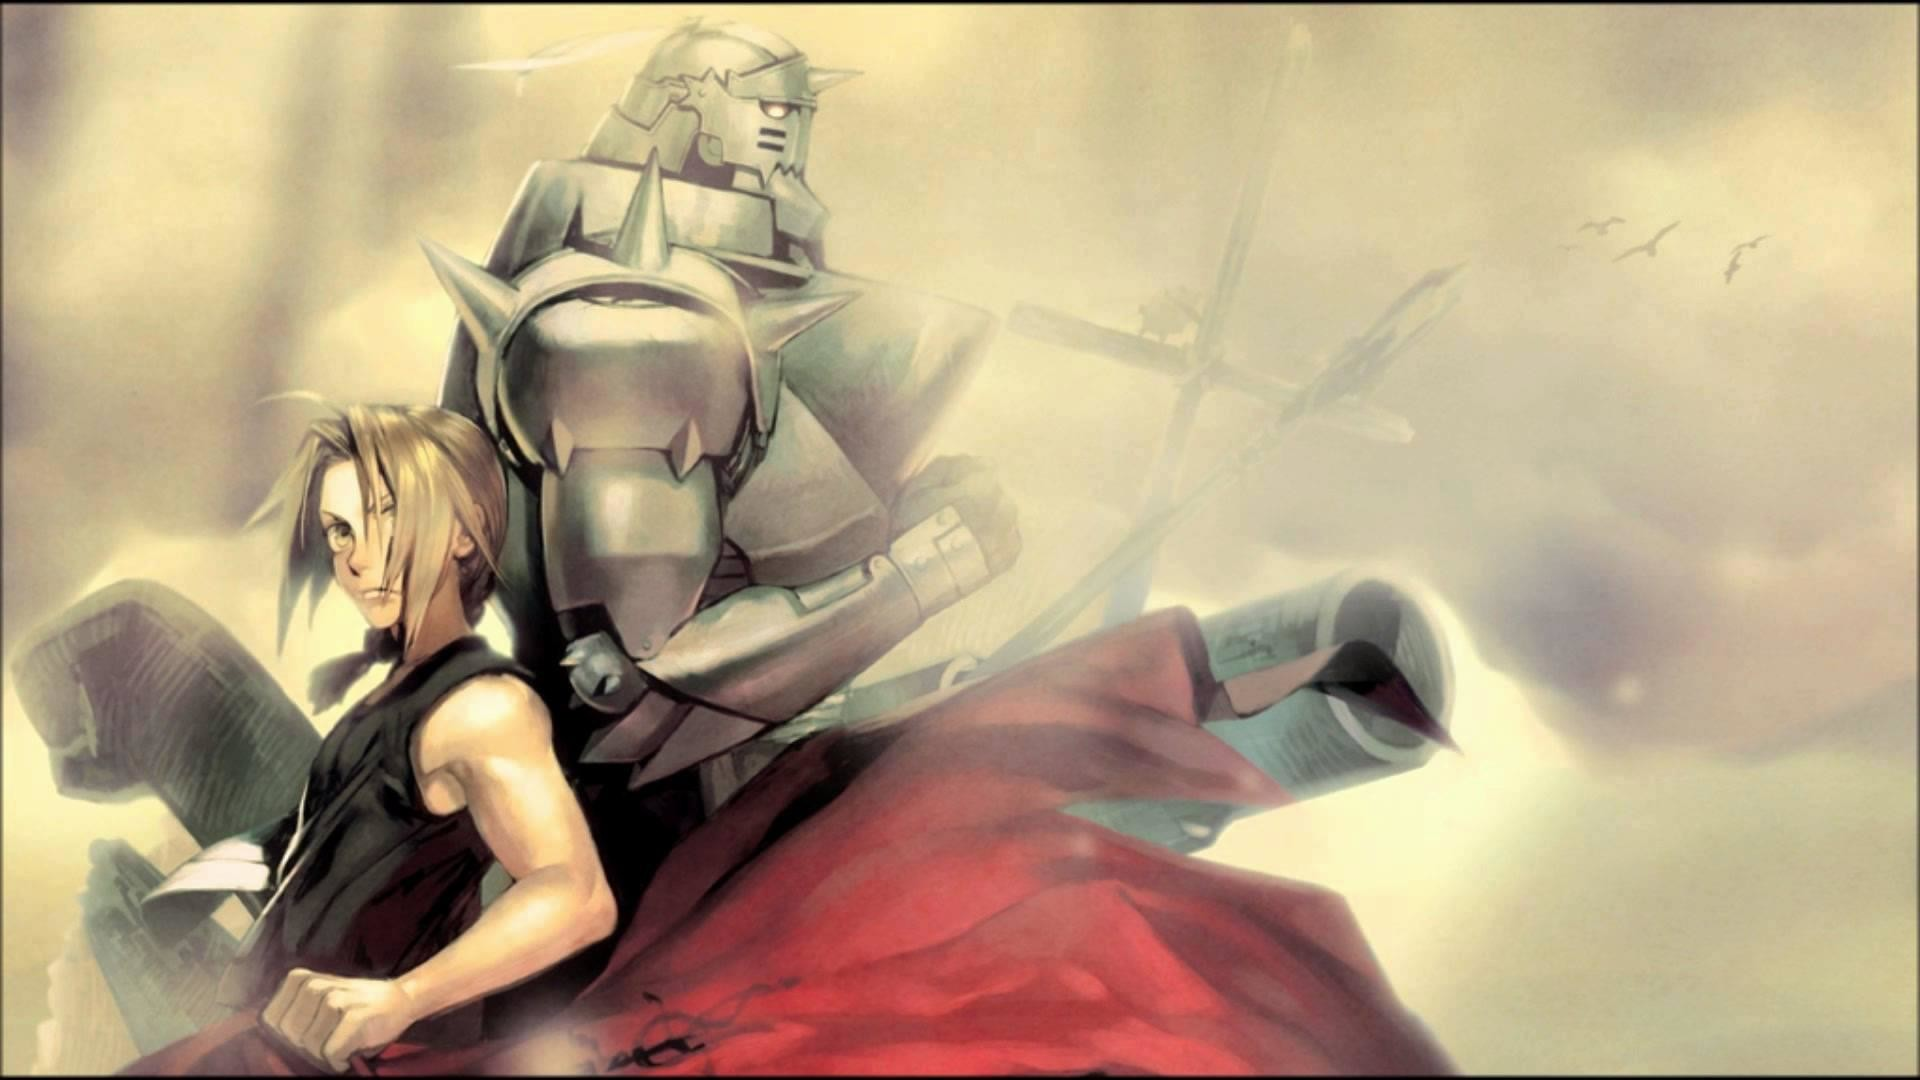 wallpaper.wiki-Download-Fullmetal-Alchemist-Brotherhood-Photo-Free-